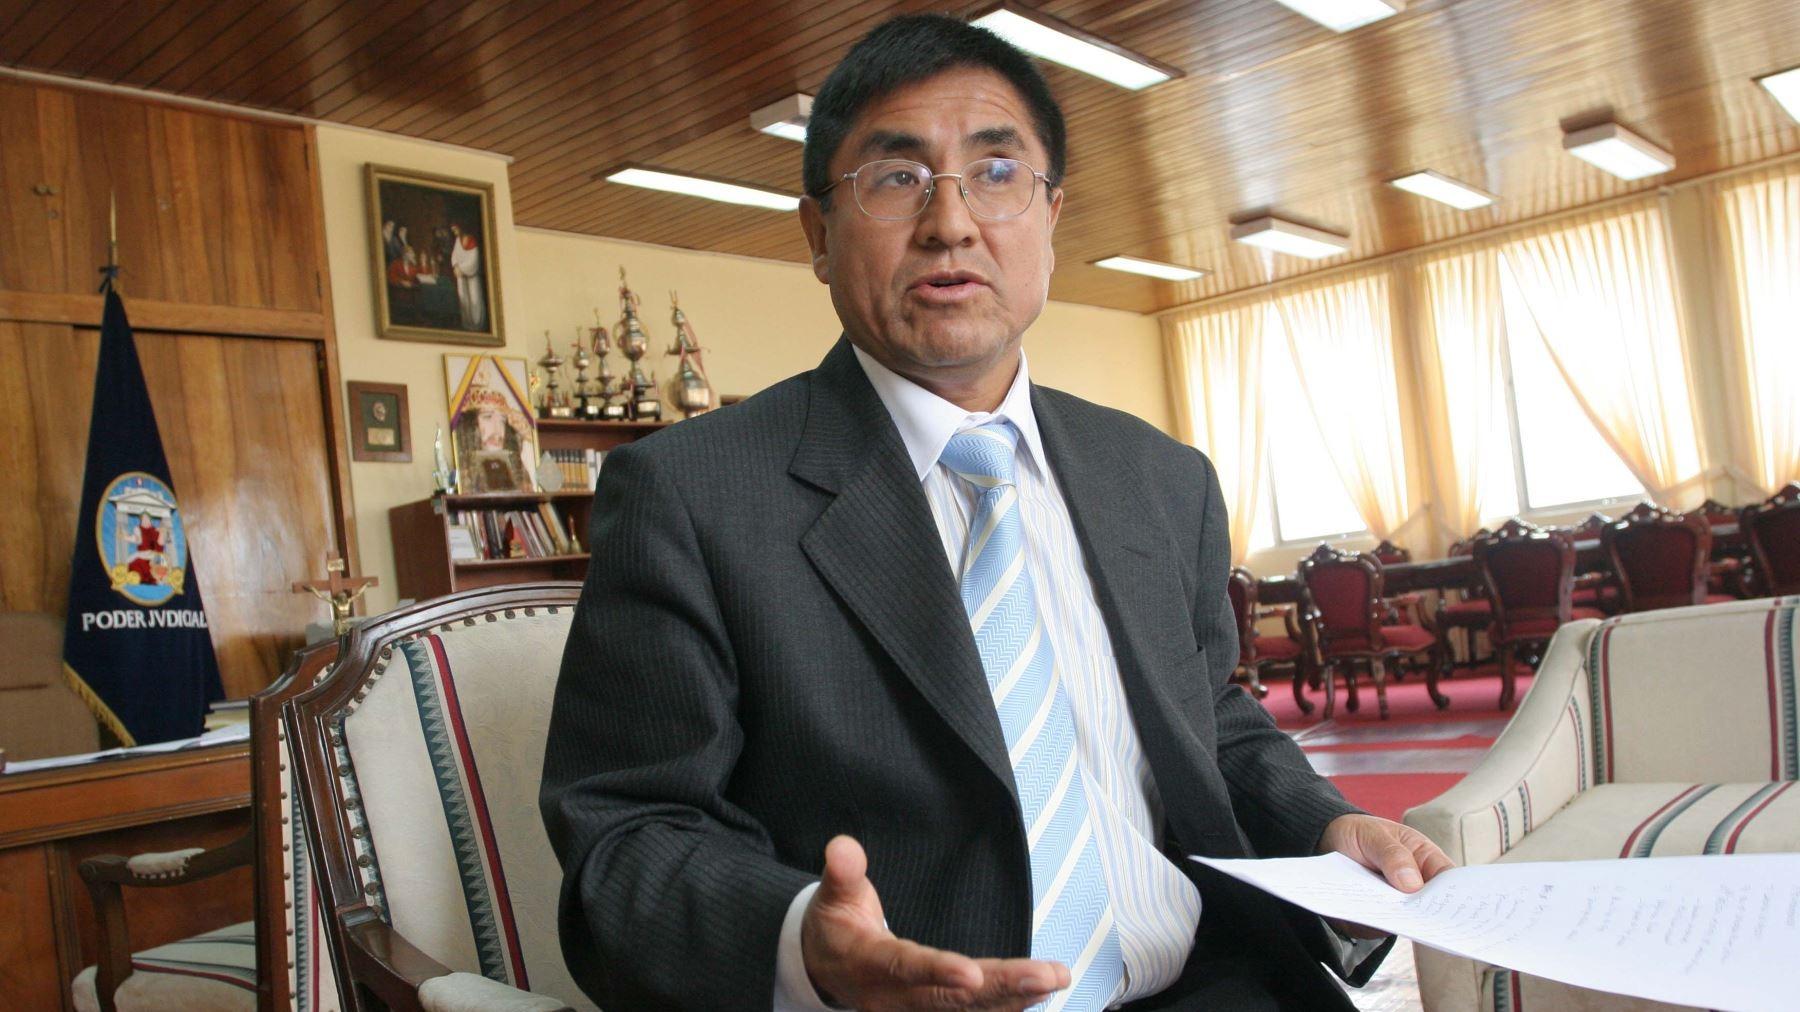 El juez supremo rechazó haberse reunido con Keiko Fujimori, luego de que se difundiera un audio en el que menciona a una